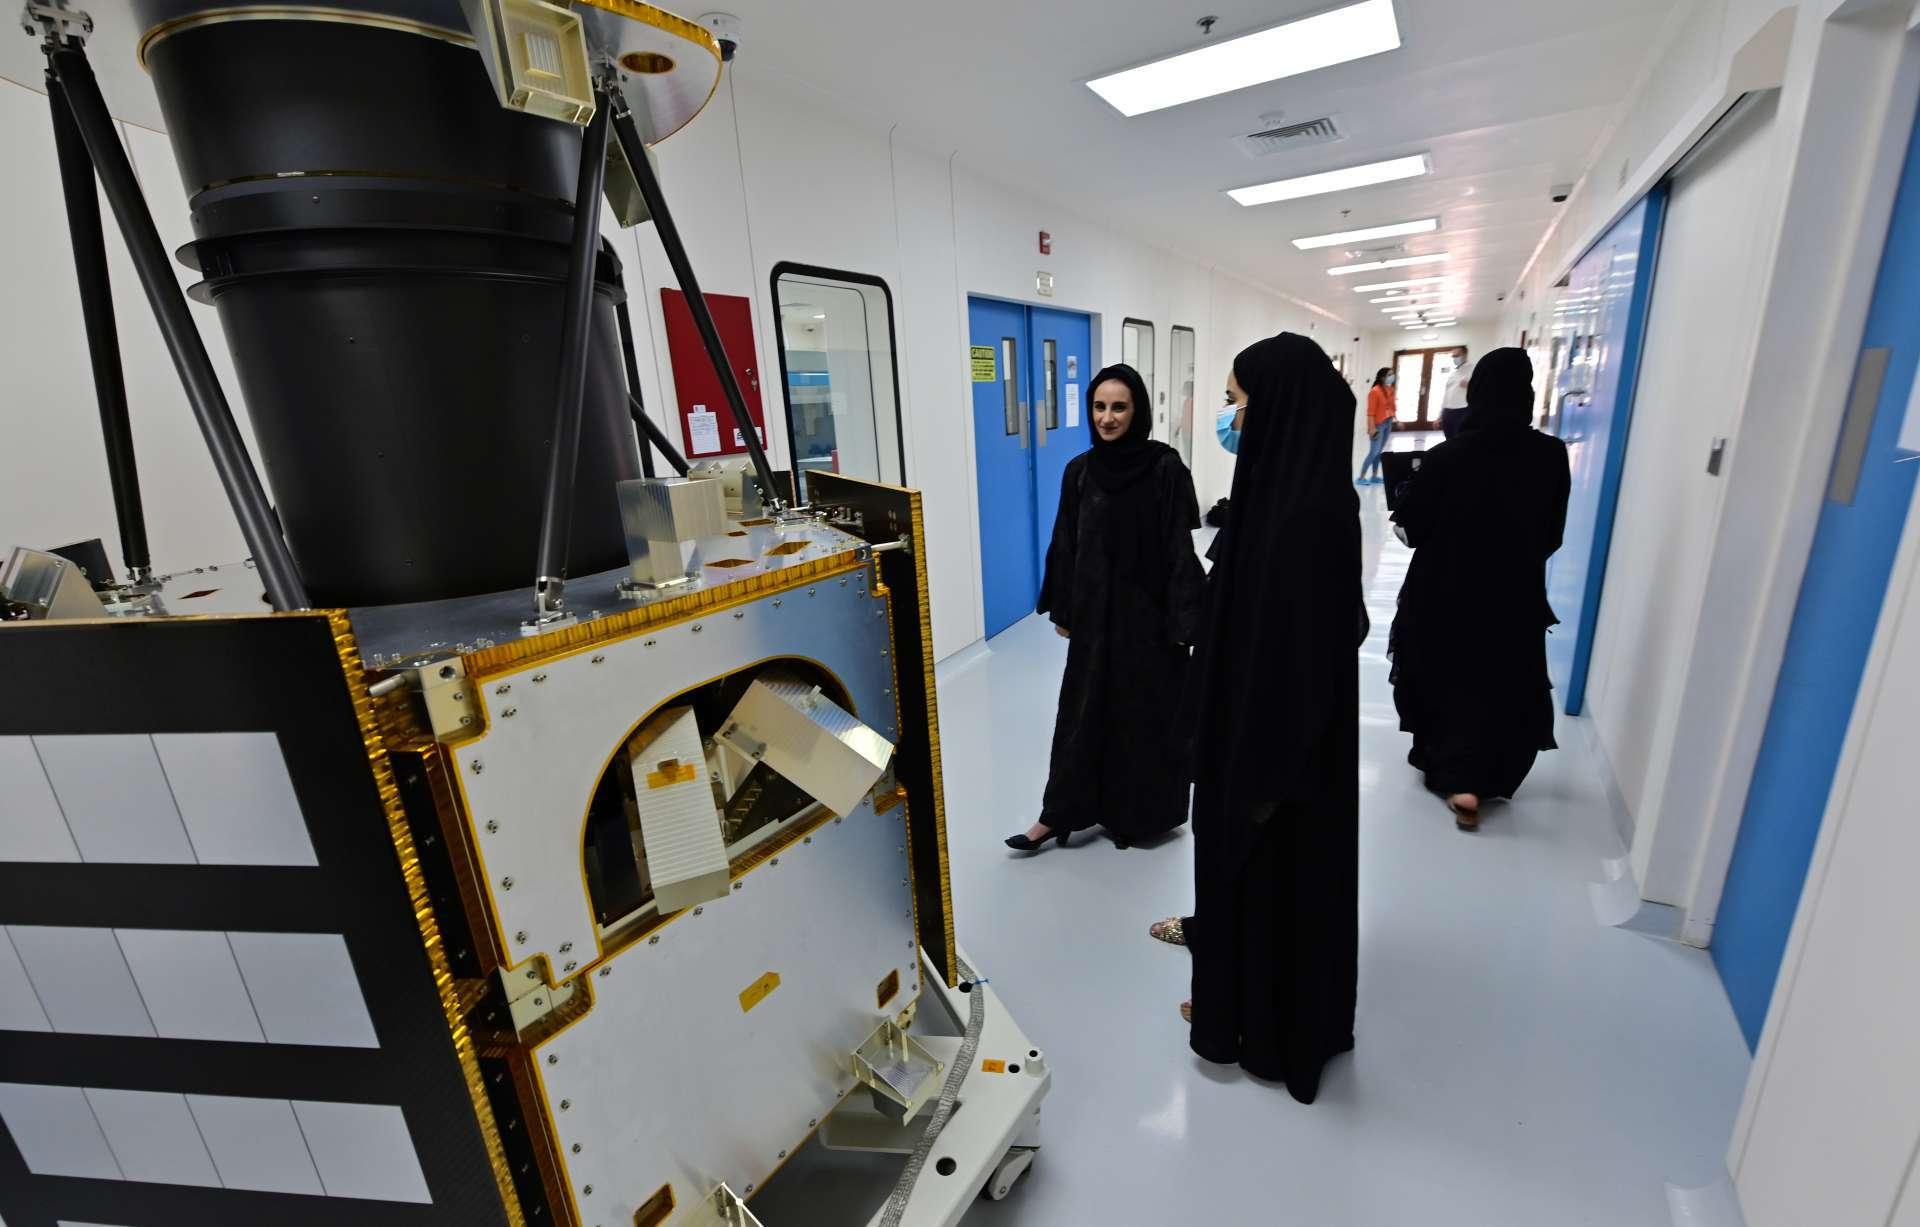 Engenheiros se reúnem em frente a um modelo KhalifaSat no Centro Espacial Mohammed Bin Rashid (MBRSC), na cidade do Golfo de Dubai